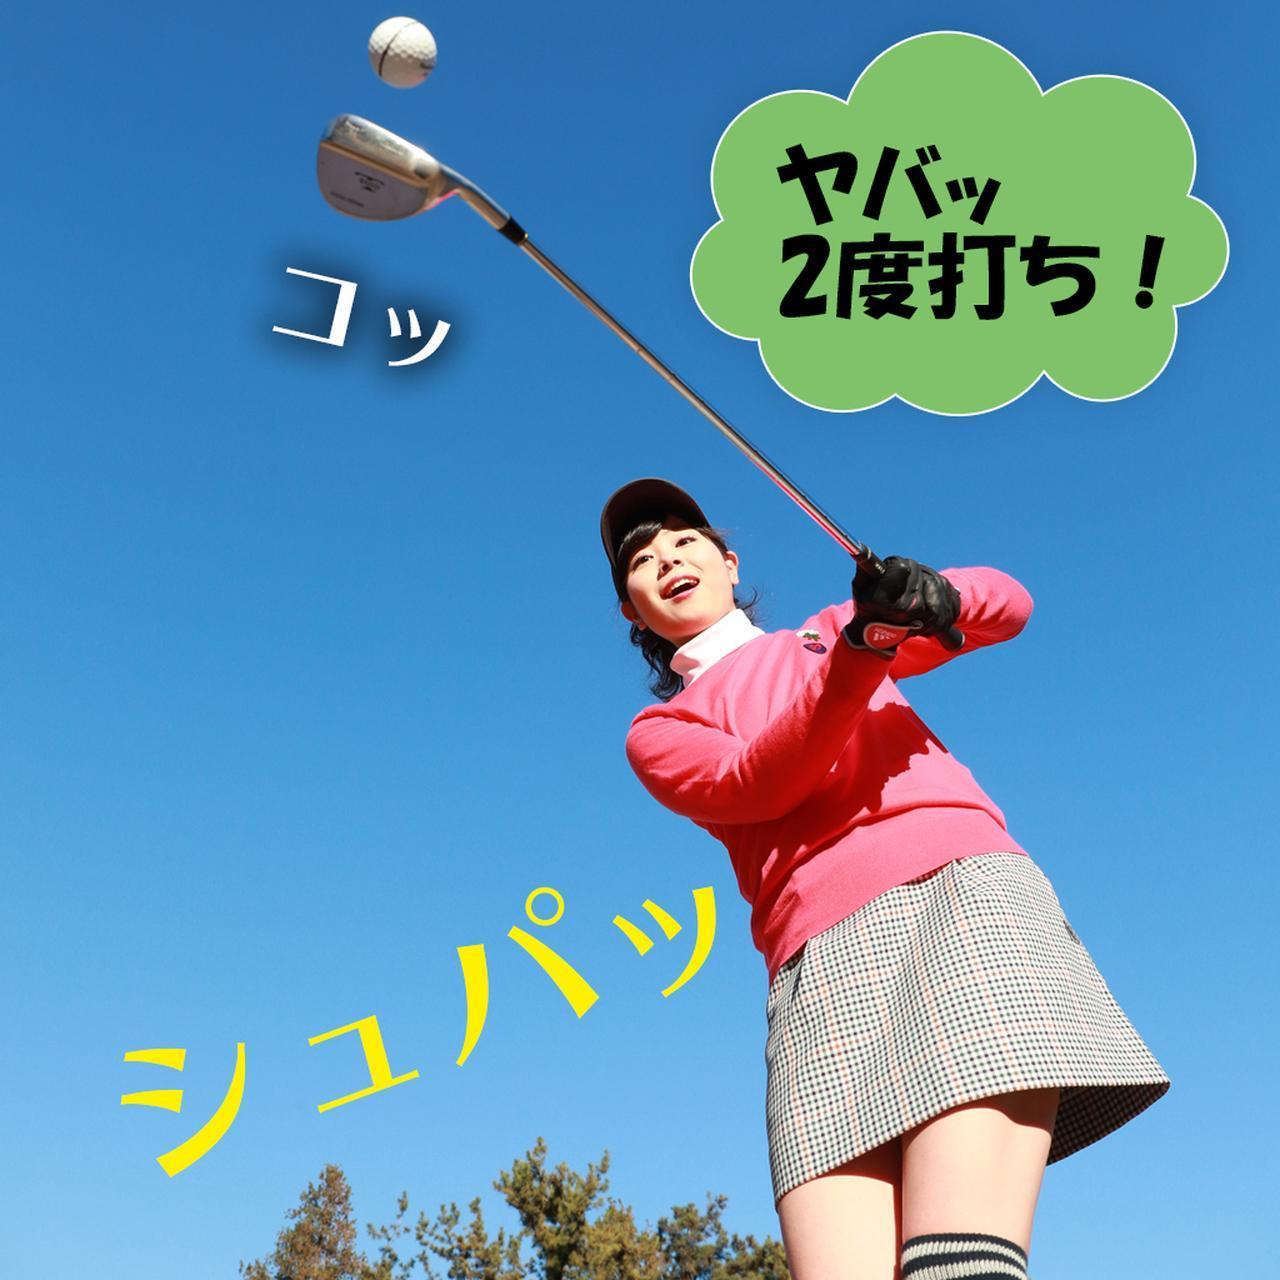 画像2: 【新ルール】3打目を2度打ちしたら…次は何打目?